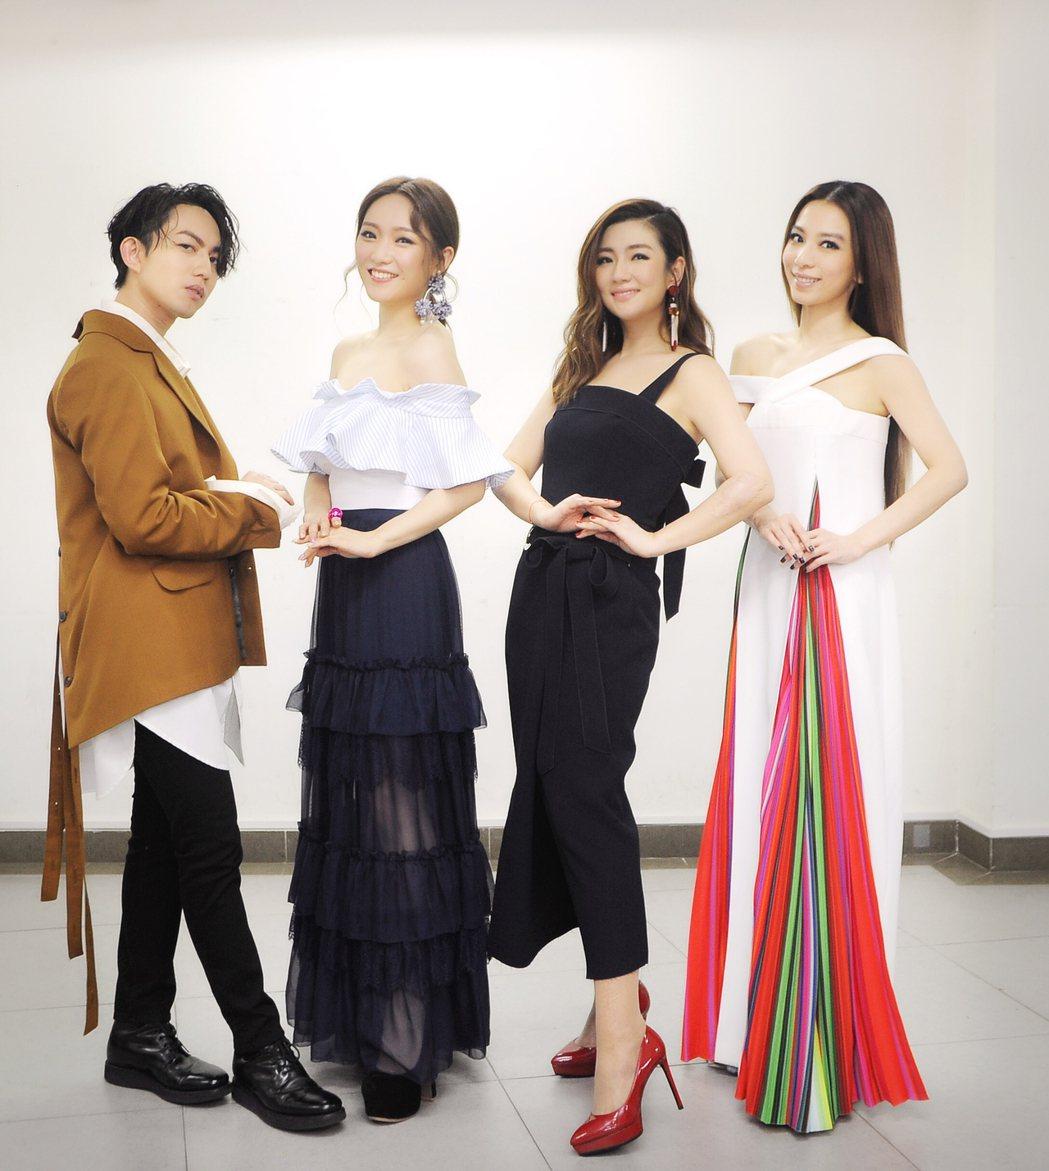 田馥甄、Selina、閻奕格及林宥嘉出席騰訊&MTV亞洲金曲大賞。圖/華研提供